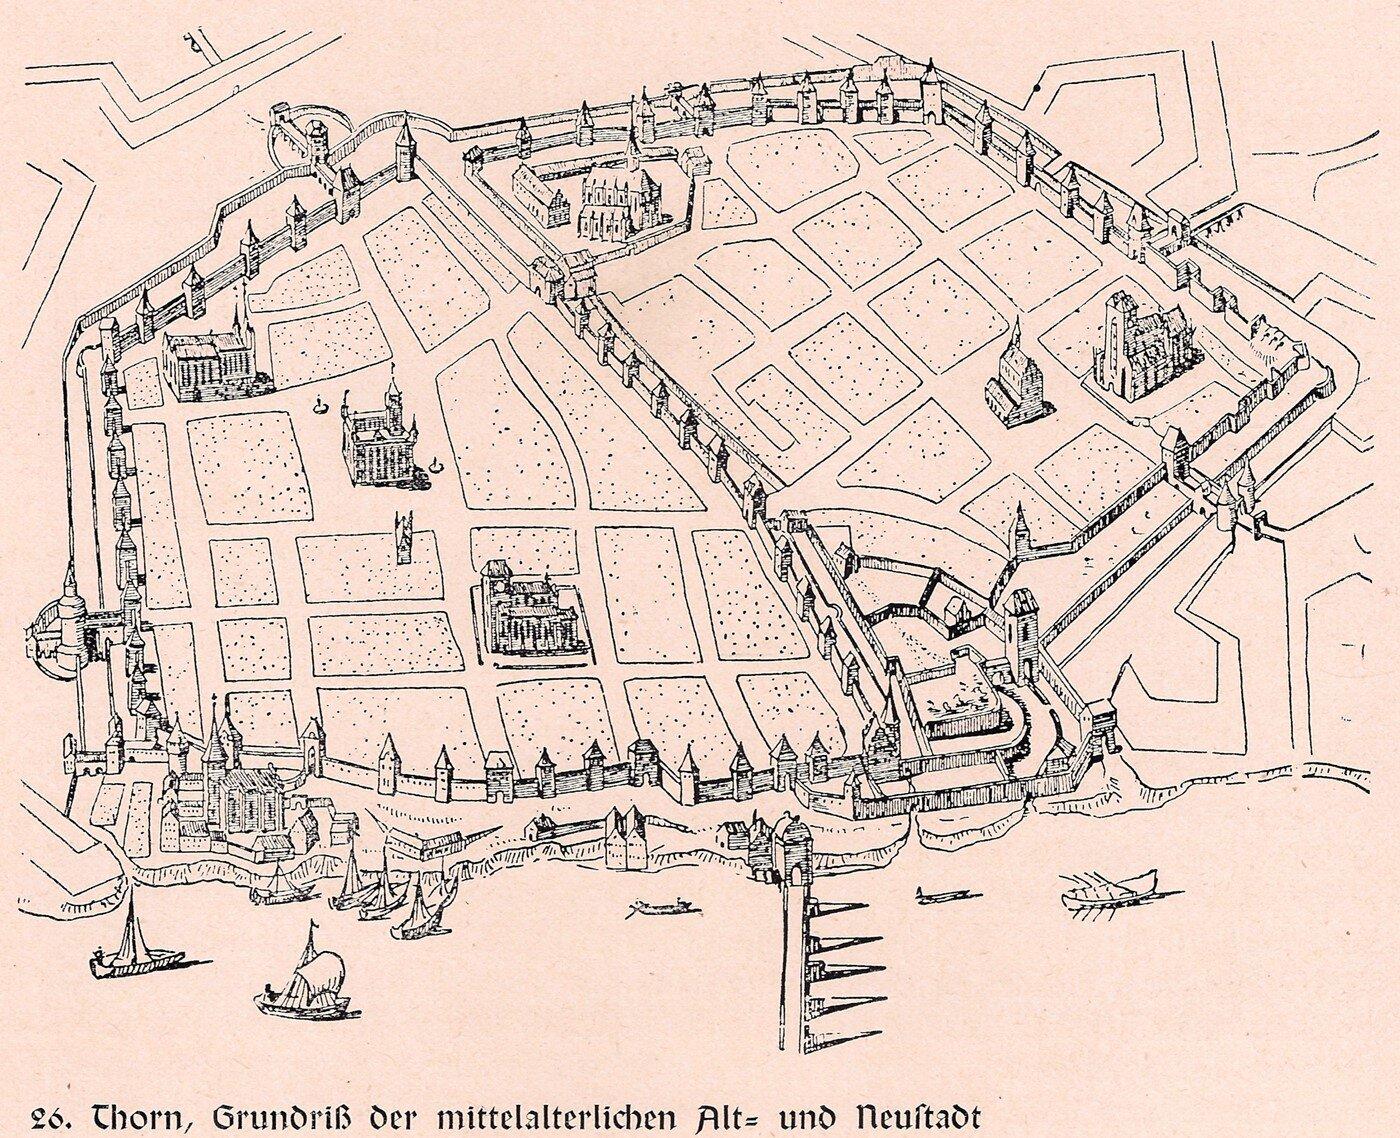 Ilustracja przedstawia mapę miasta Toruń z1641 roku. Na mapie widać mury zwieżyczkami otaczajęce miasto. Mur biegnie również przez środek miasta. Zaznaczone są na mapie prostokątne działki, ana niektórych widać już budynki. Udołu ekranu rzeka, którą płyną statki iłodzie.